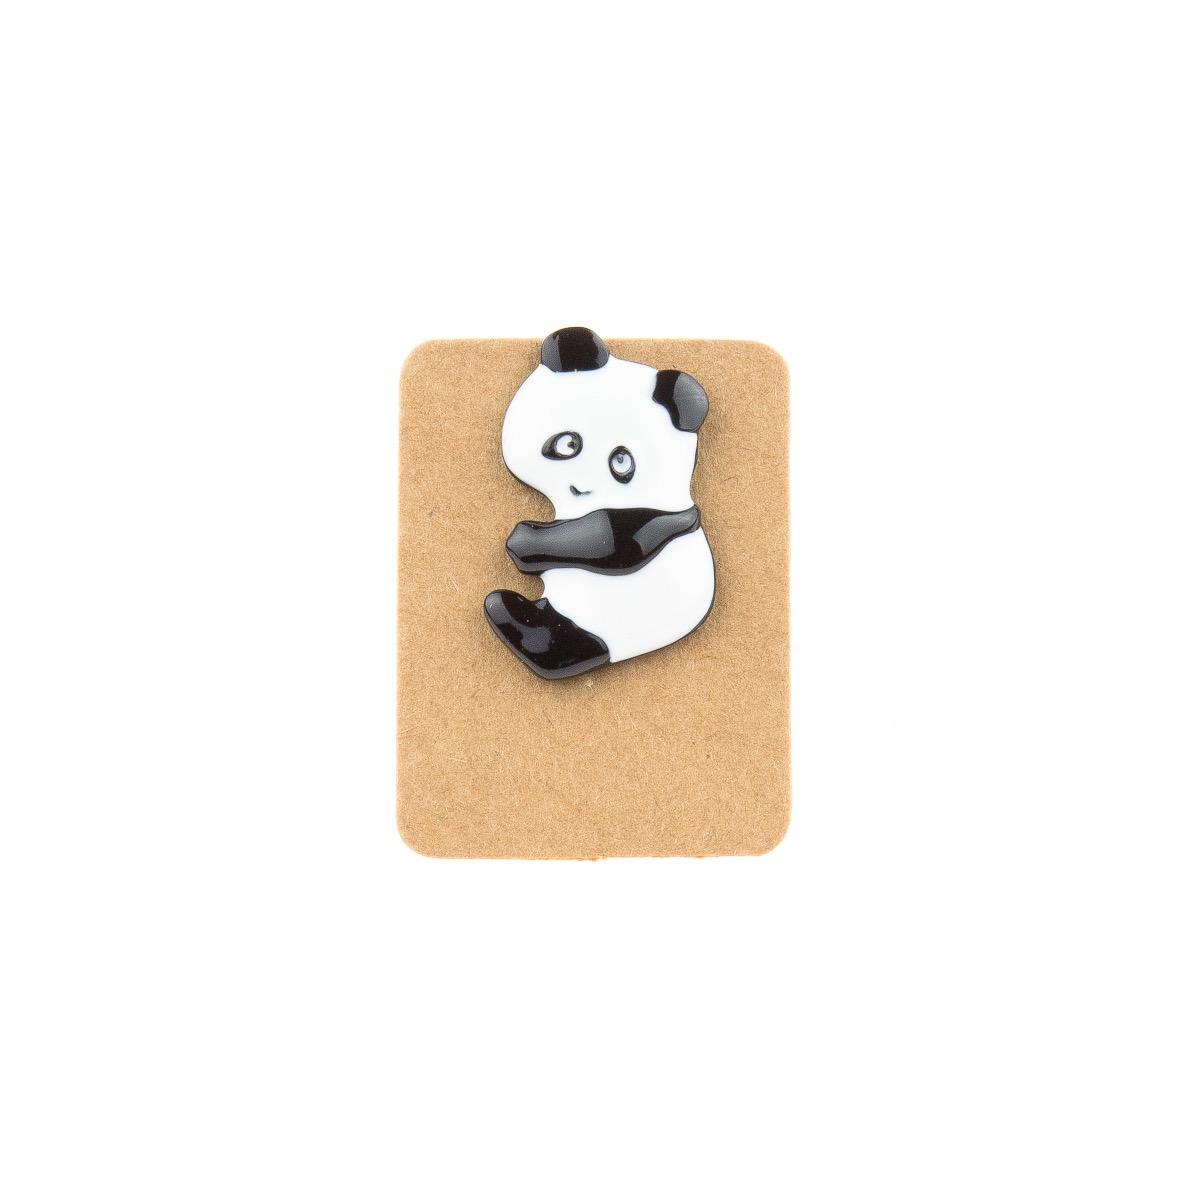 Metal Panda Enamel Pin Badge